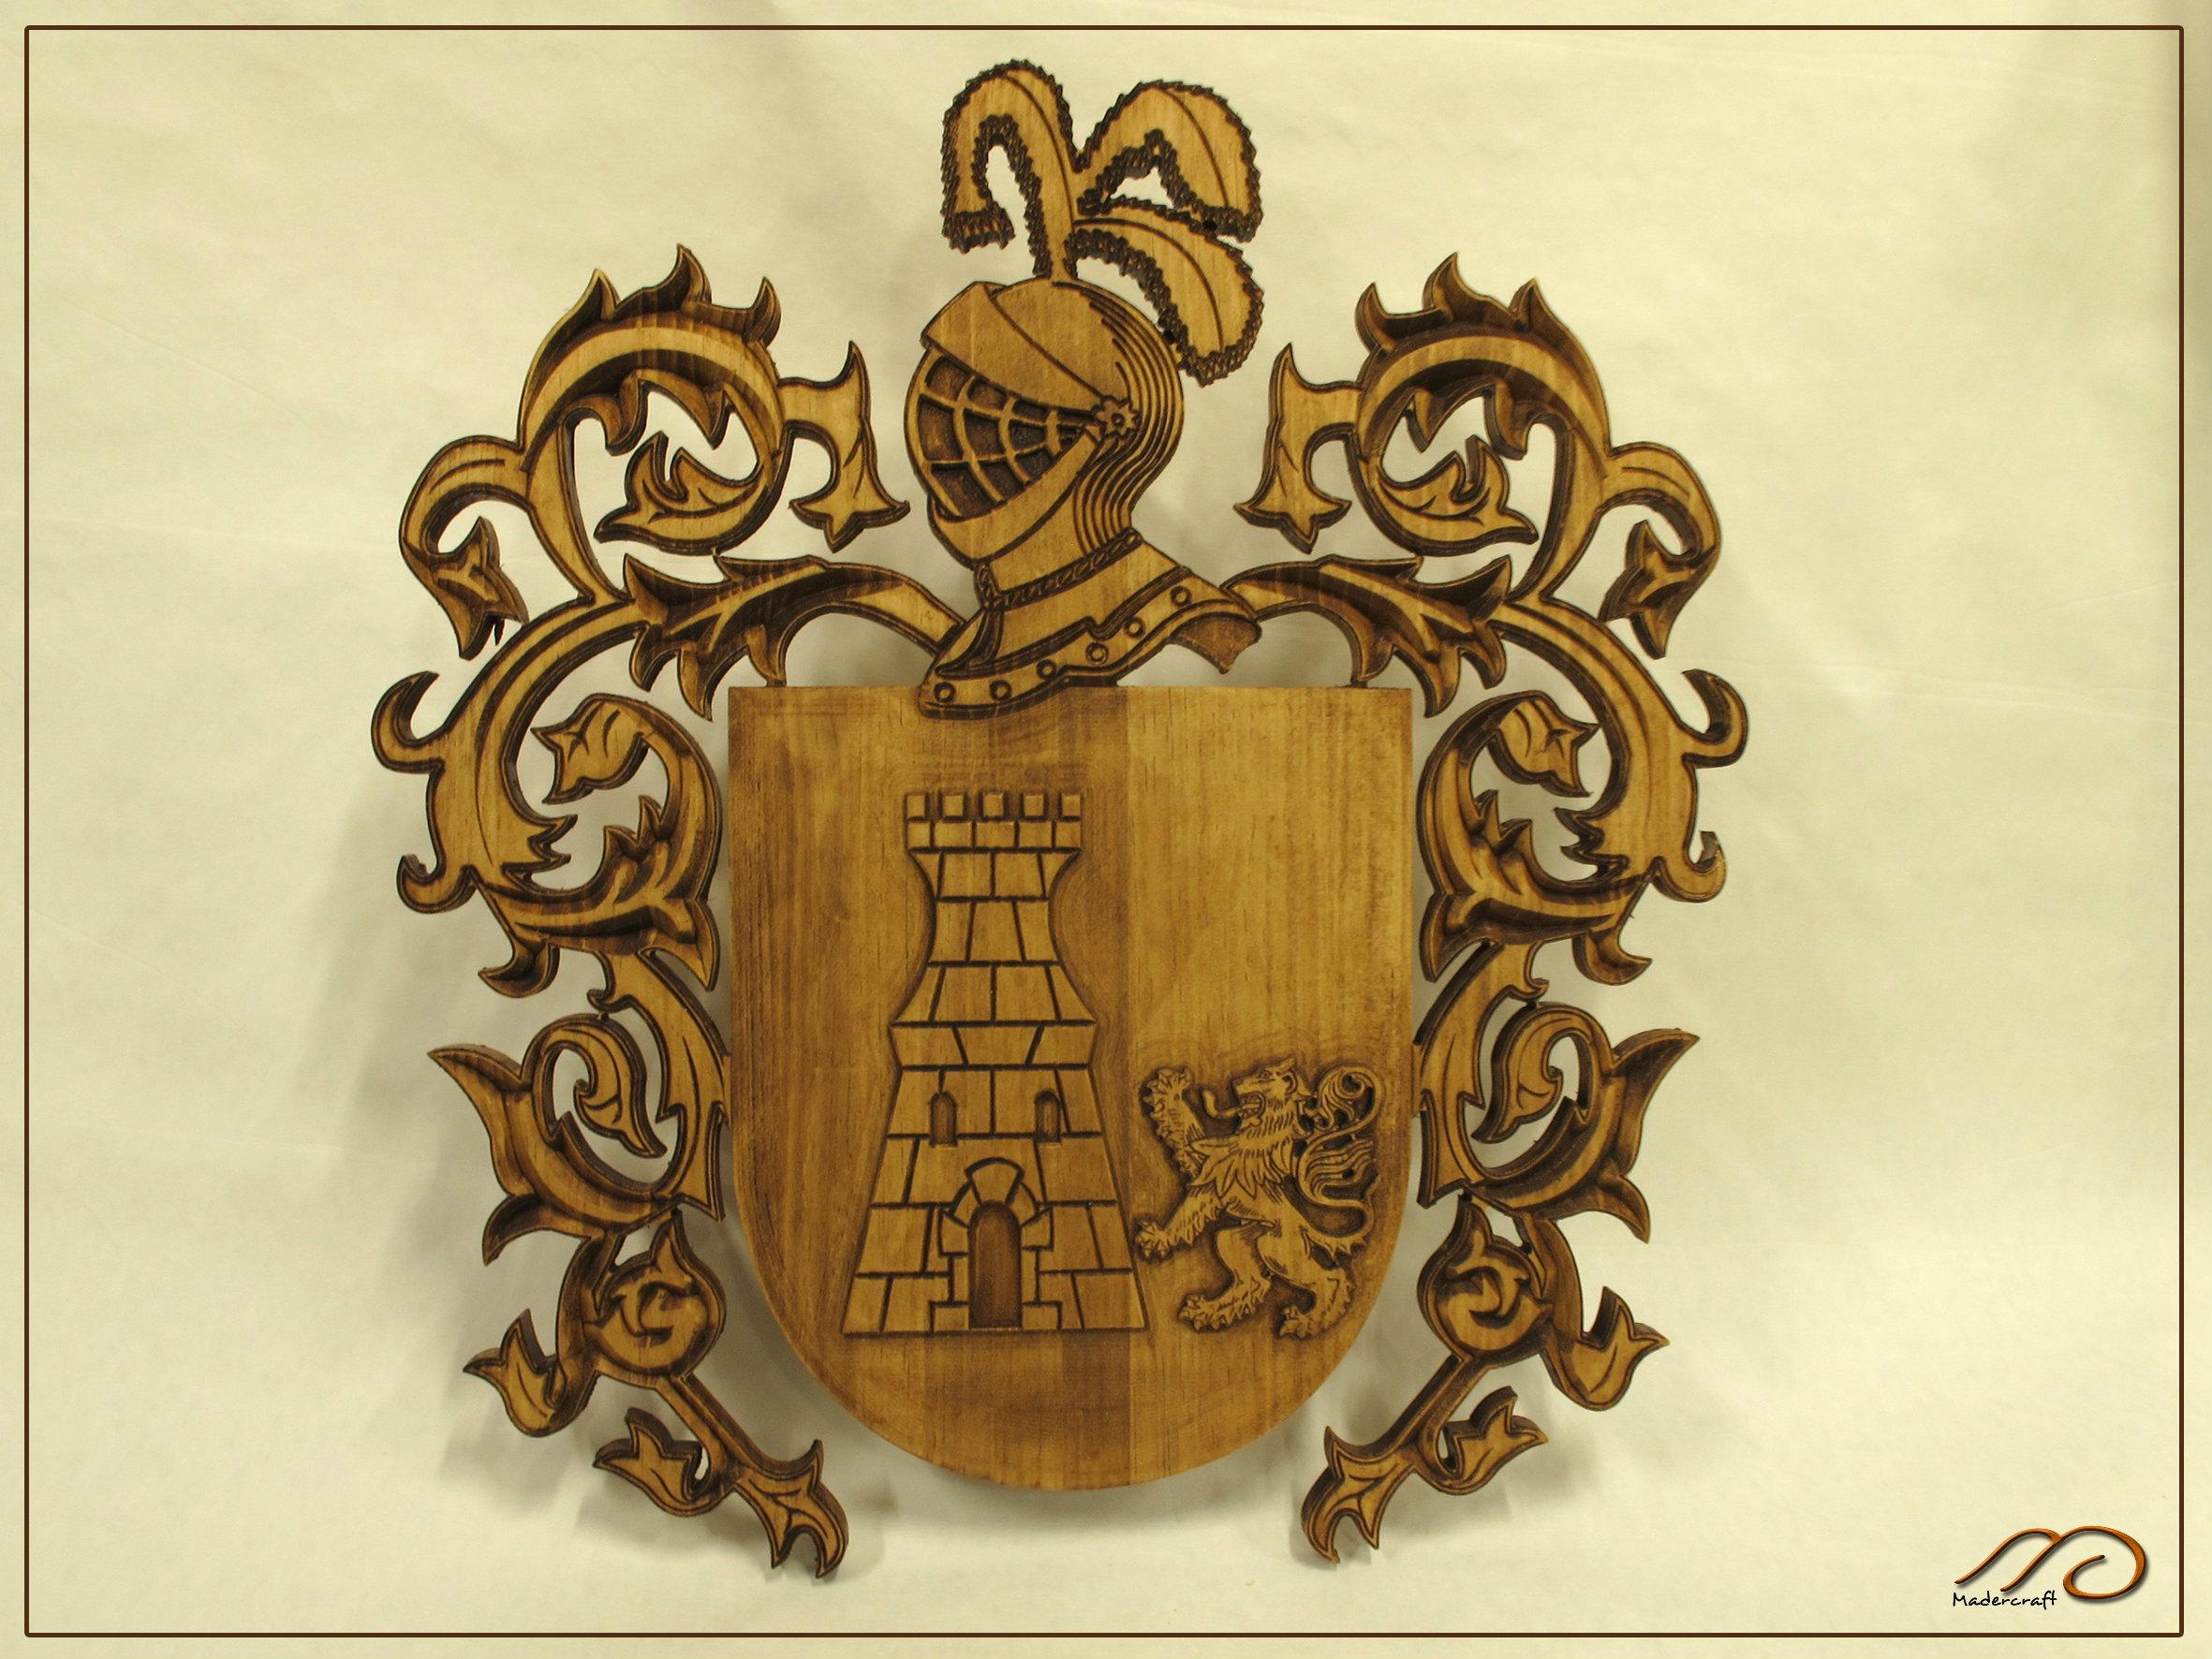 Escudo heraldico Mora